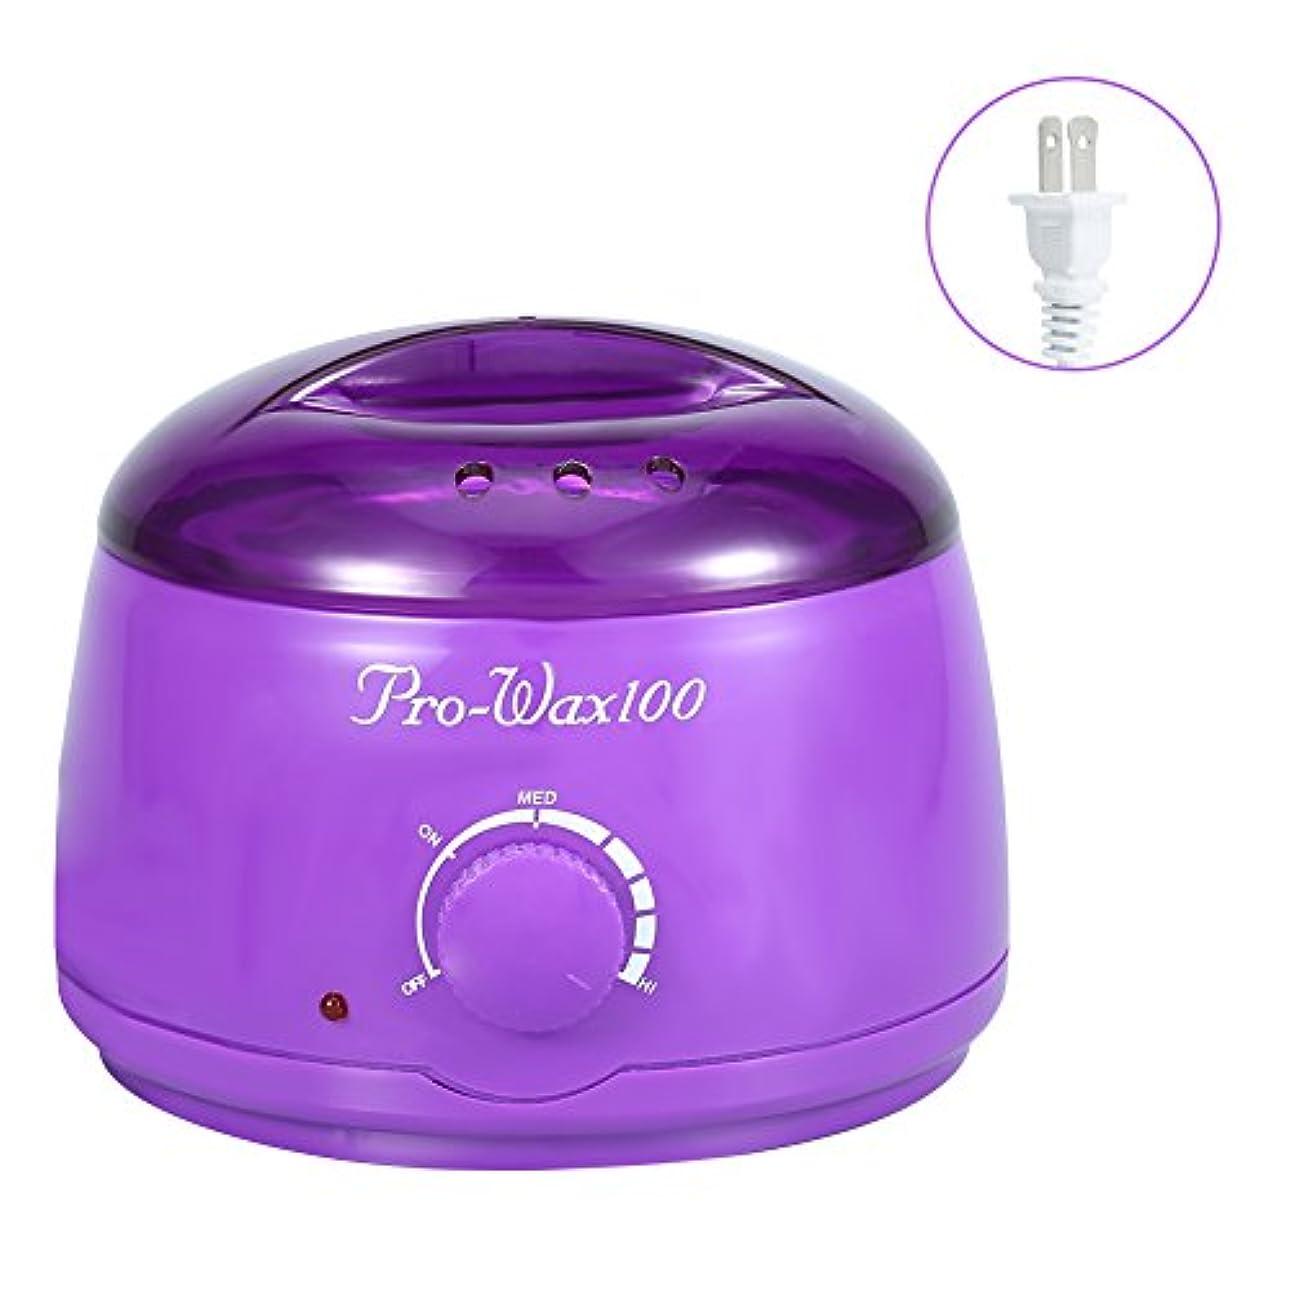 ノーブル哀規模ワックス脱毛ワックスヒーター+ 4 x 100g異なるワックス豆+ 10個ワックススティックプロフェッショナルワックス脱毛セット(紫色)